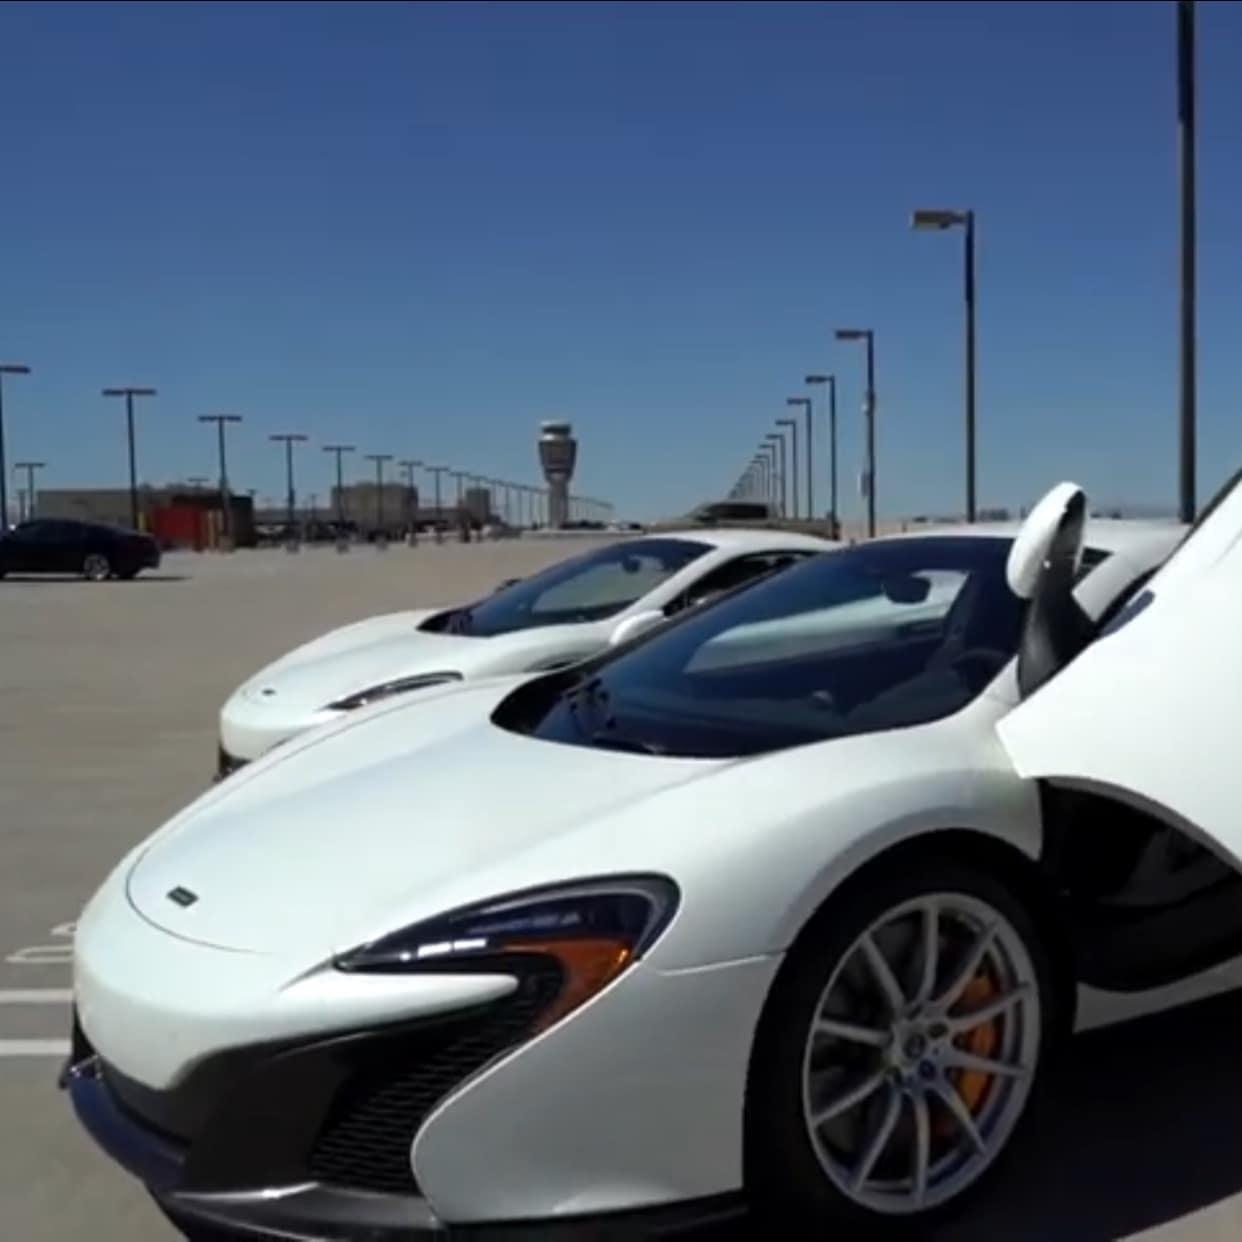 McLaren Lifestyle Thumbnail